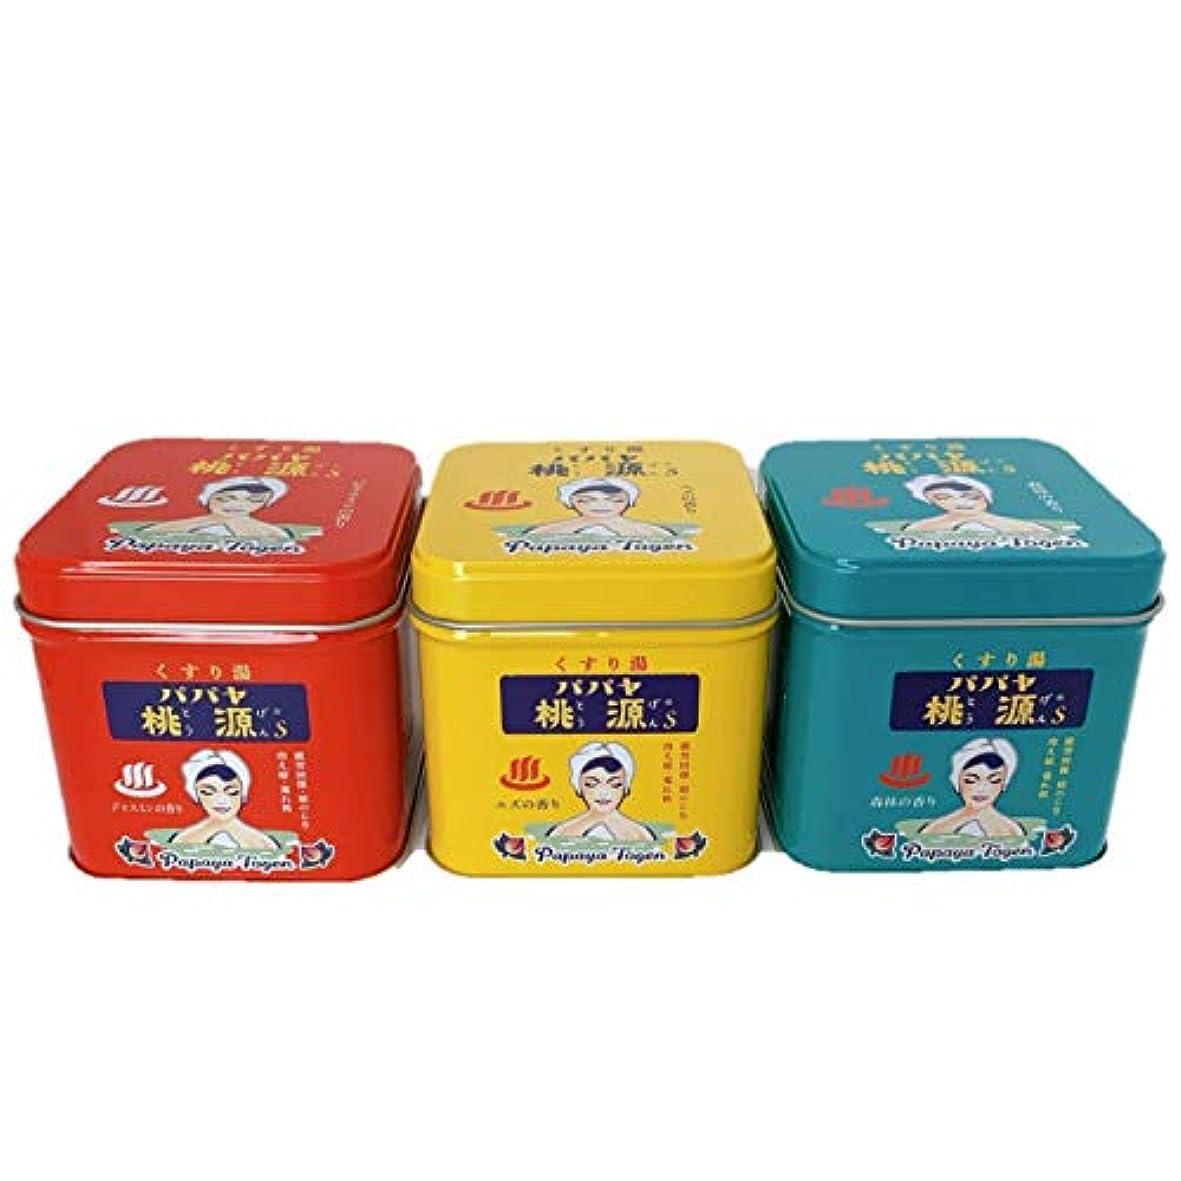 定期的アコータブレット五洲薬品 パパヤ桃源S 70g缶(医学部外品)アソート ジャスミン ゆず 森林 3個パック